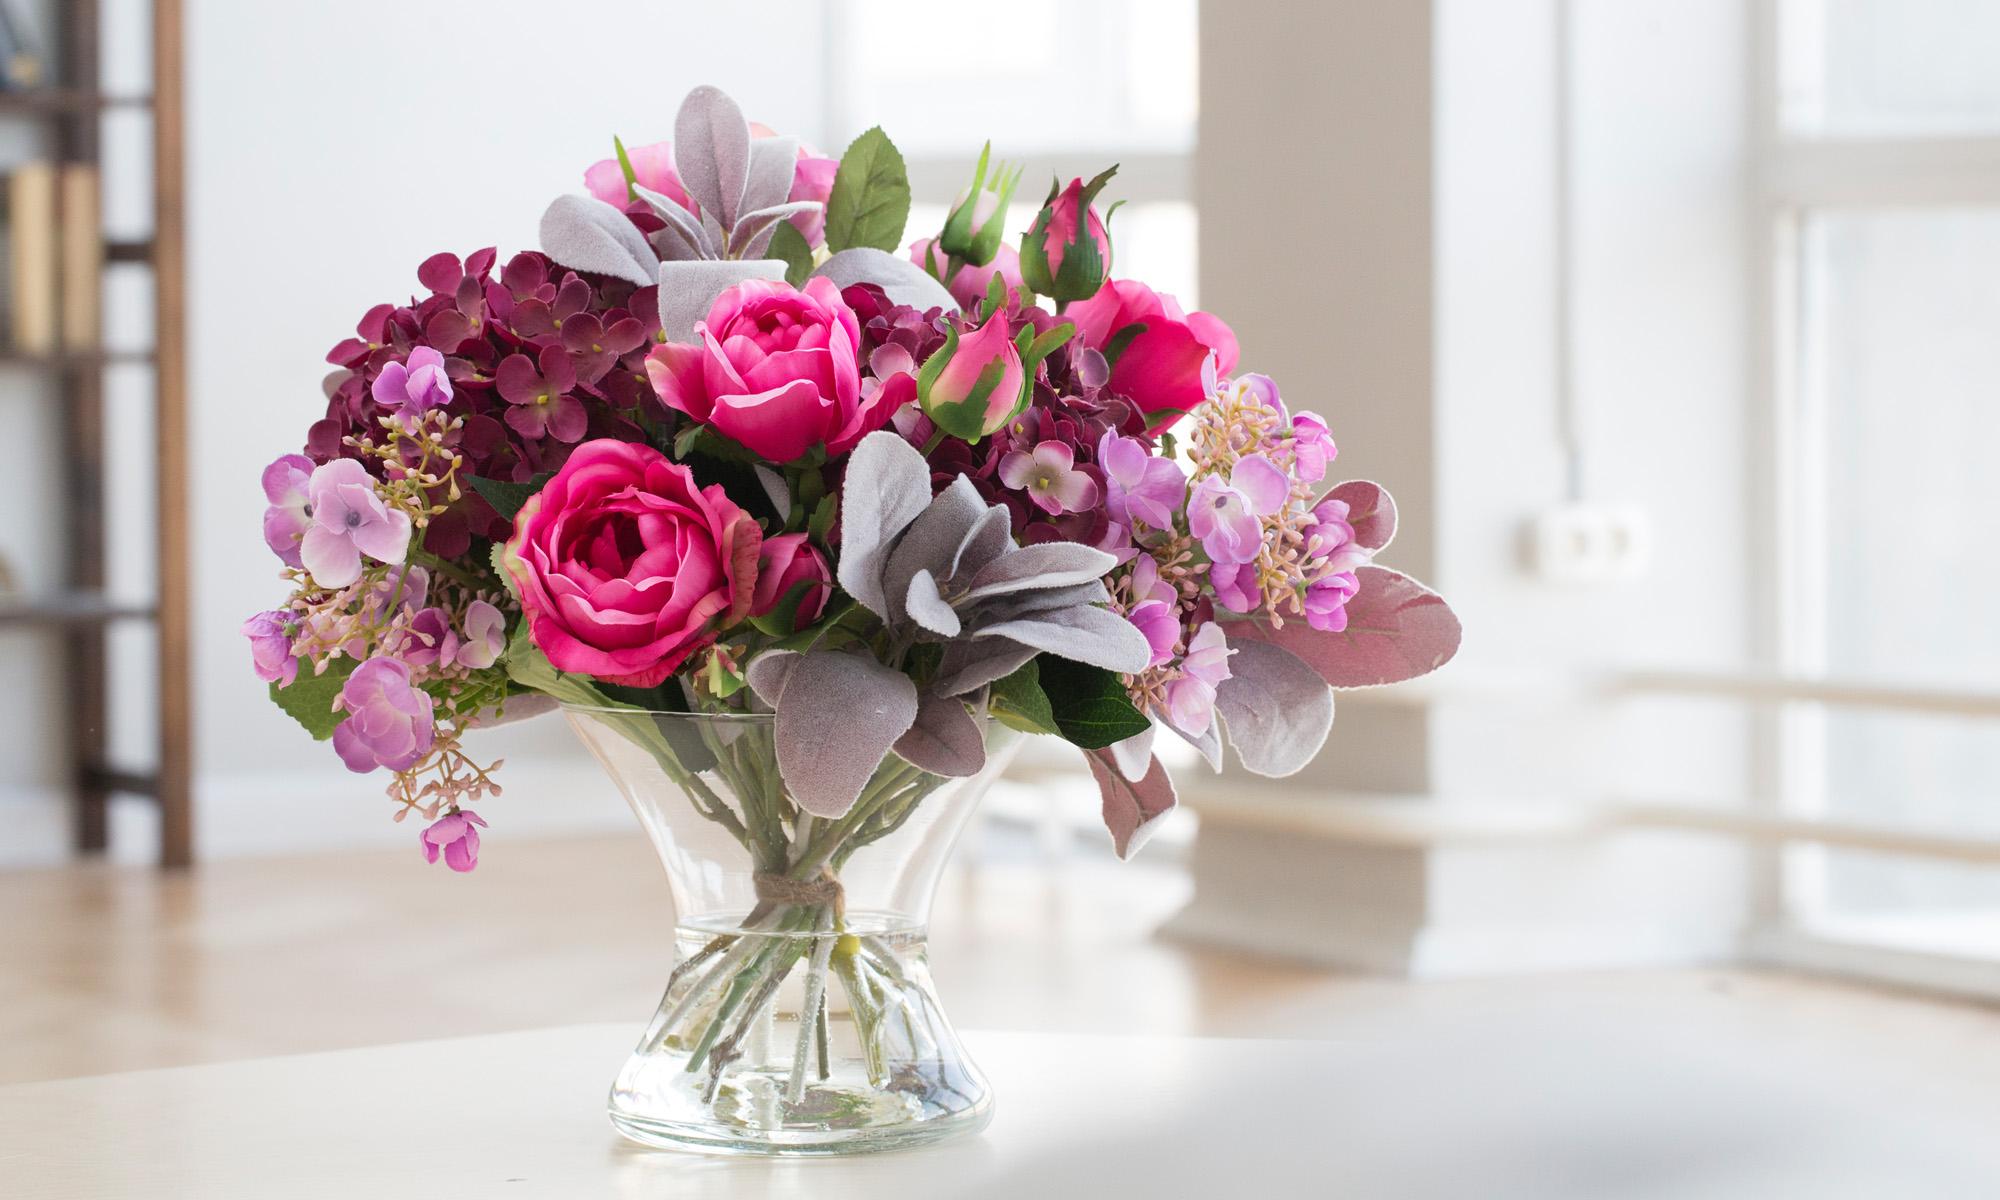 Купить Композиция из искусственных цветов - гортензия цвета бургундия, розы, статица, inmyroom, Россия